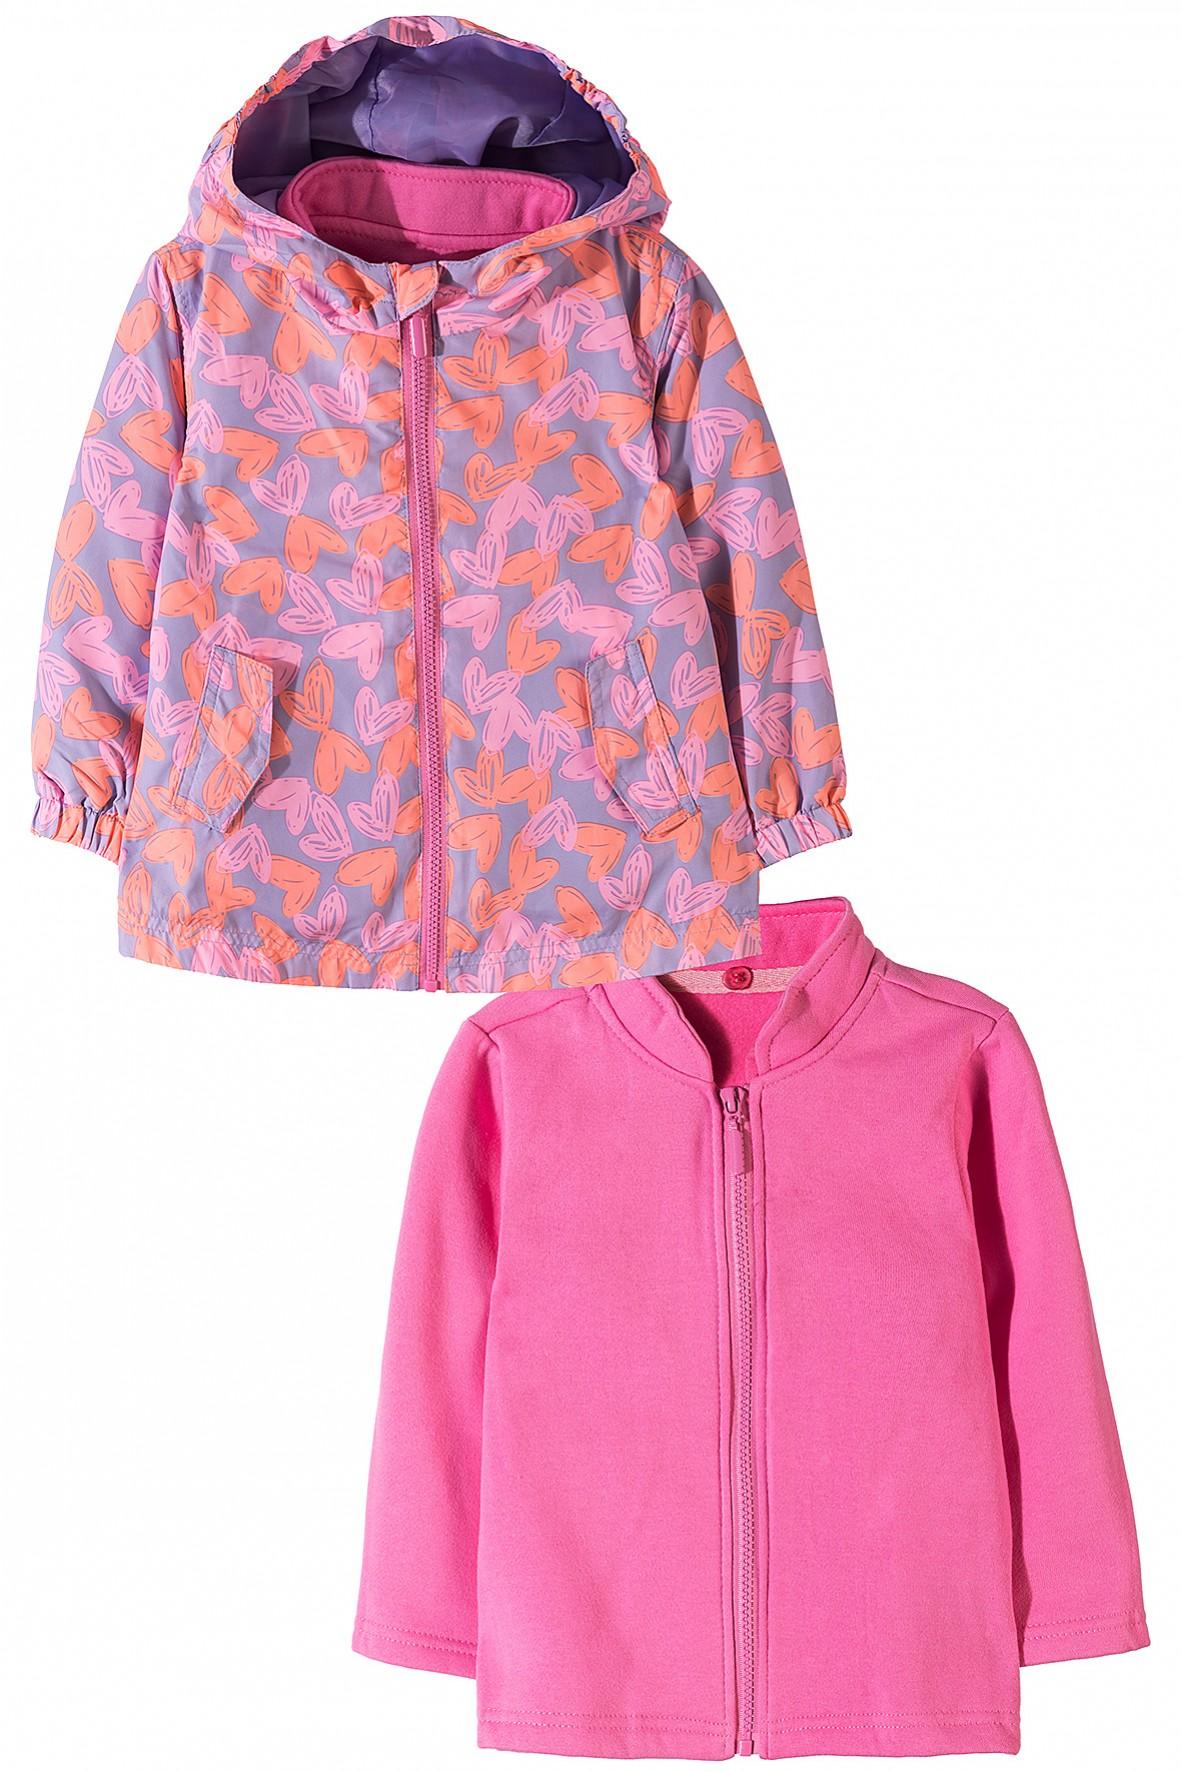 Kurtka dziewczęca 3w1 z odpinaną bluzą